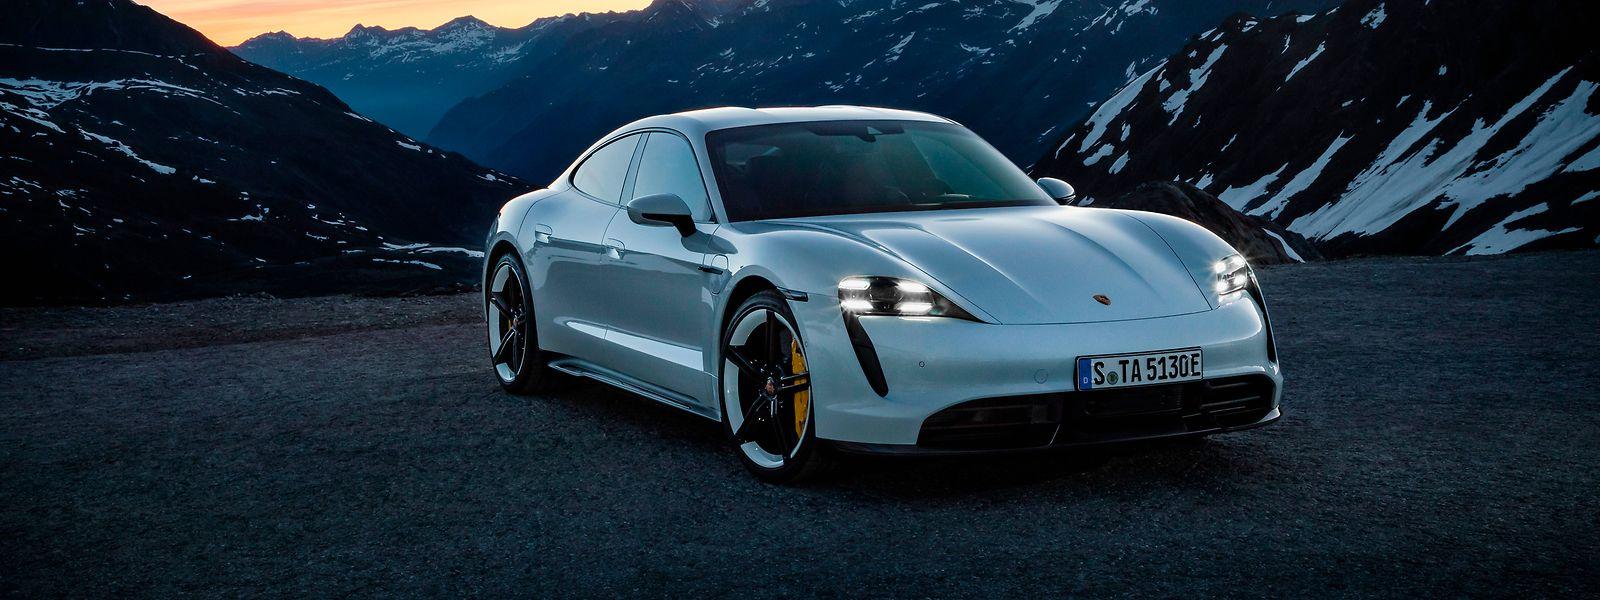 Weniger Verschleißteile: Fahrzeuge wie der vollelektrische Porsche Taycan haben nach Expertenmeinung durchaus das Zeug zum Klassiker.